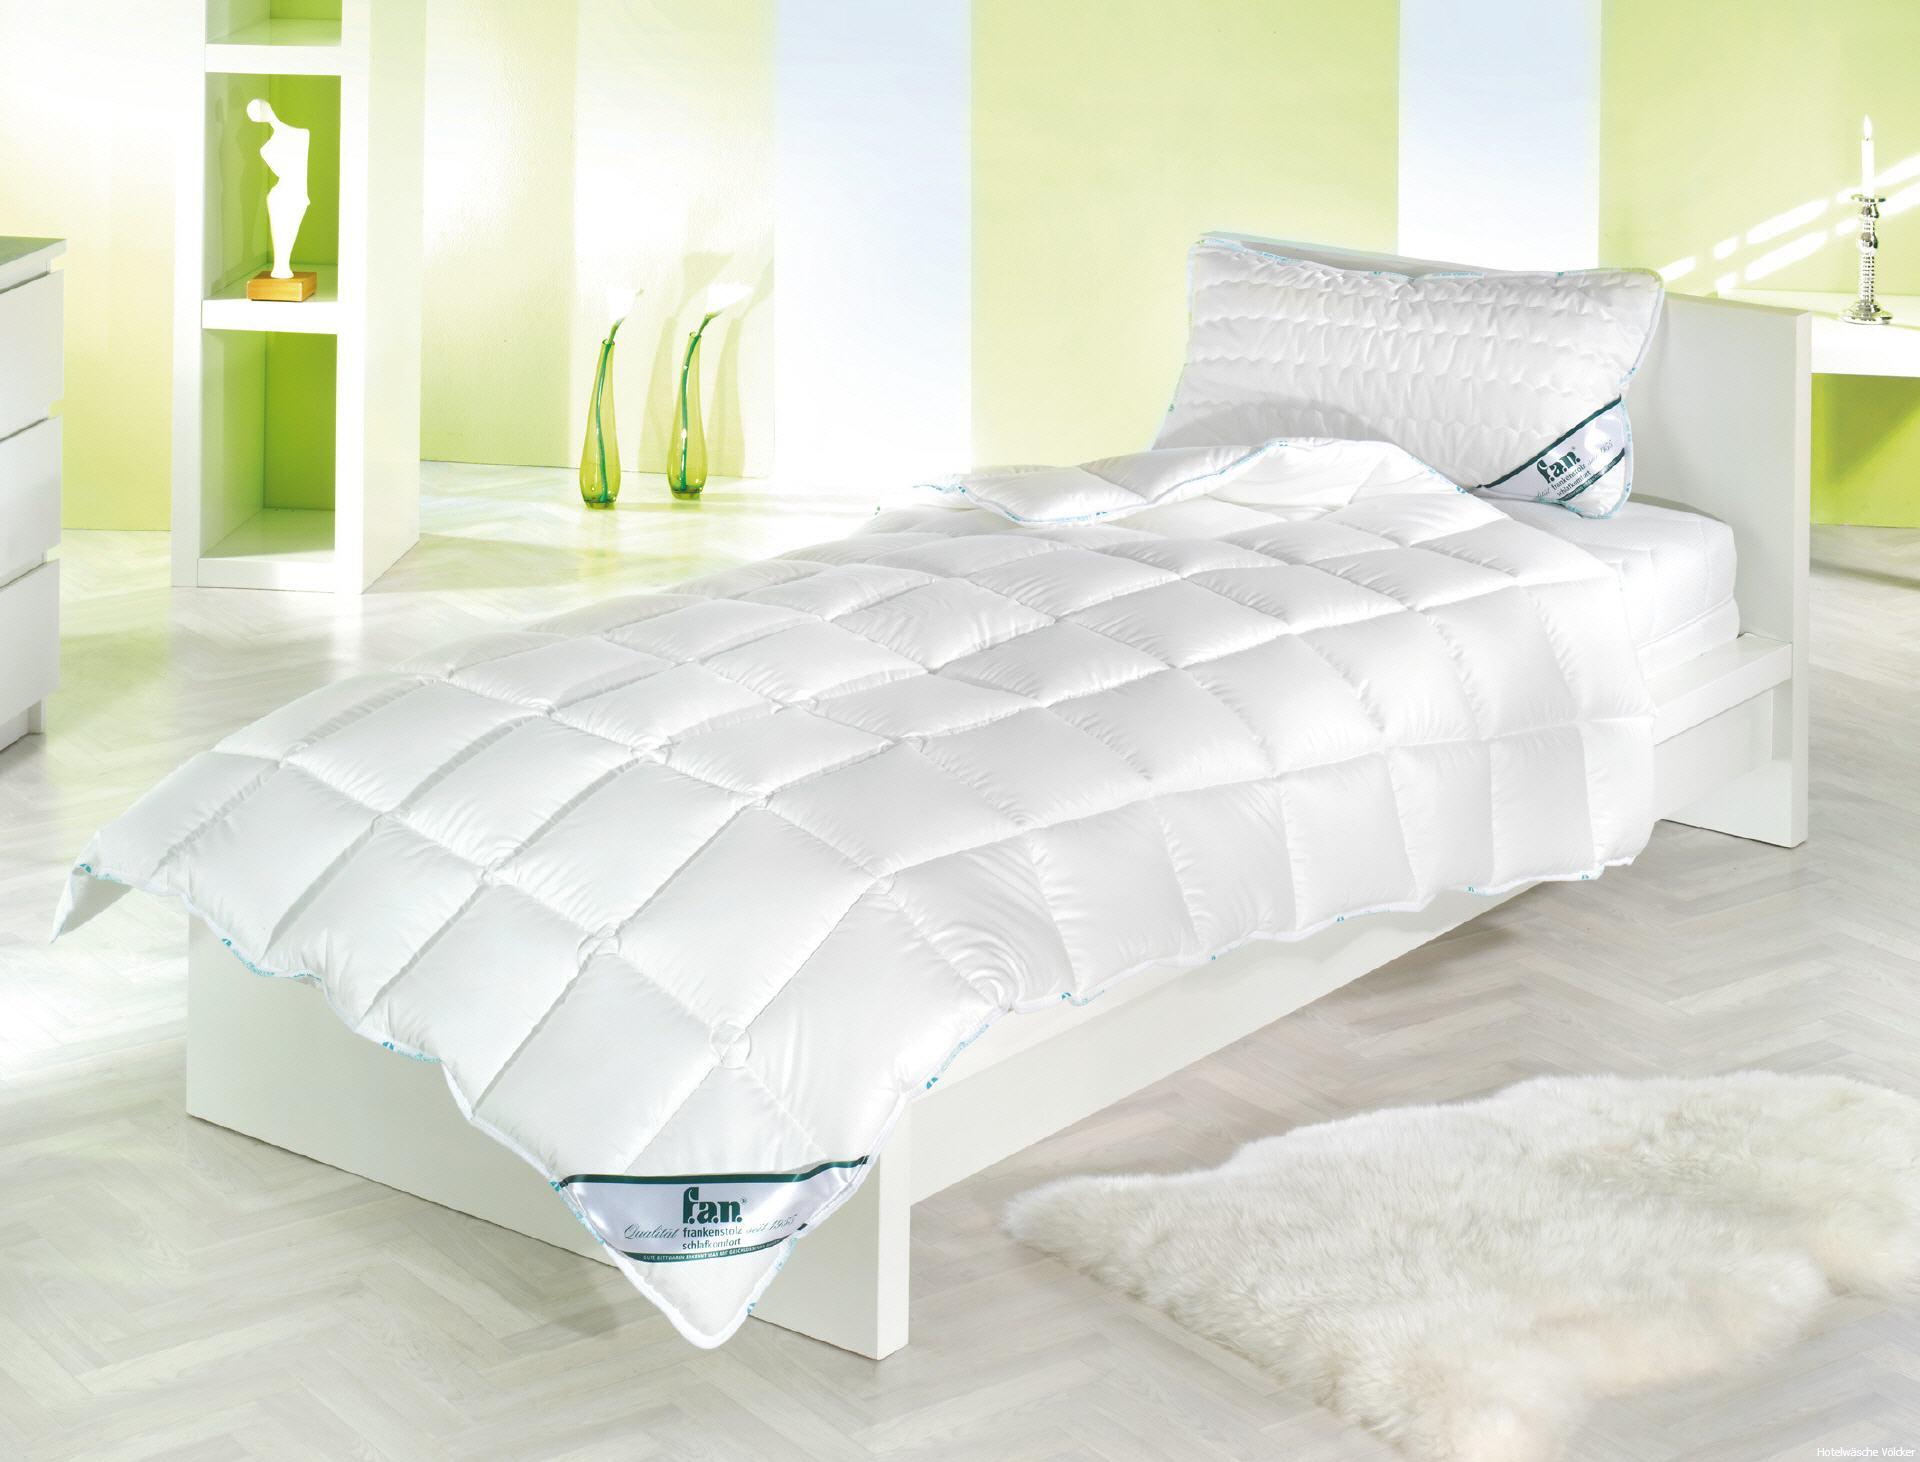 bettdecken leipzig kleiderschr nke eiche massiv lustige bettw sche f r teenager primark preis b. Black Bedroom Furniture Sets. Home Design Ideas